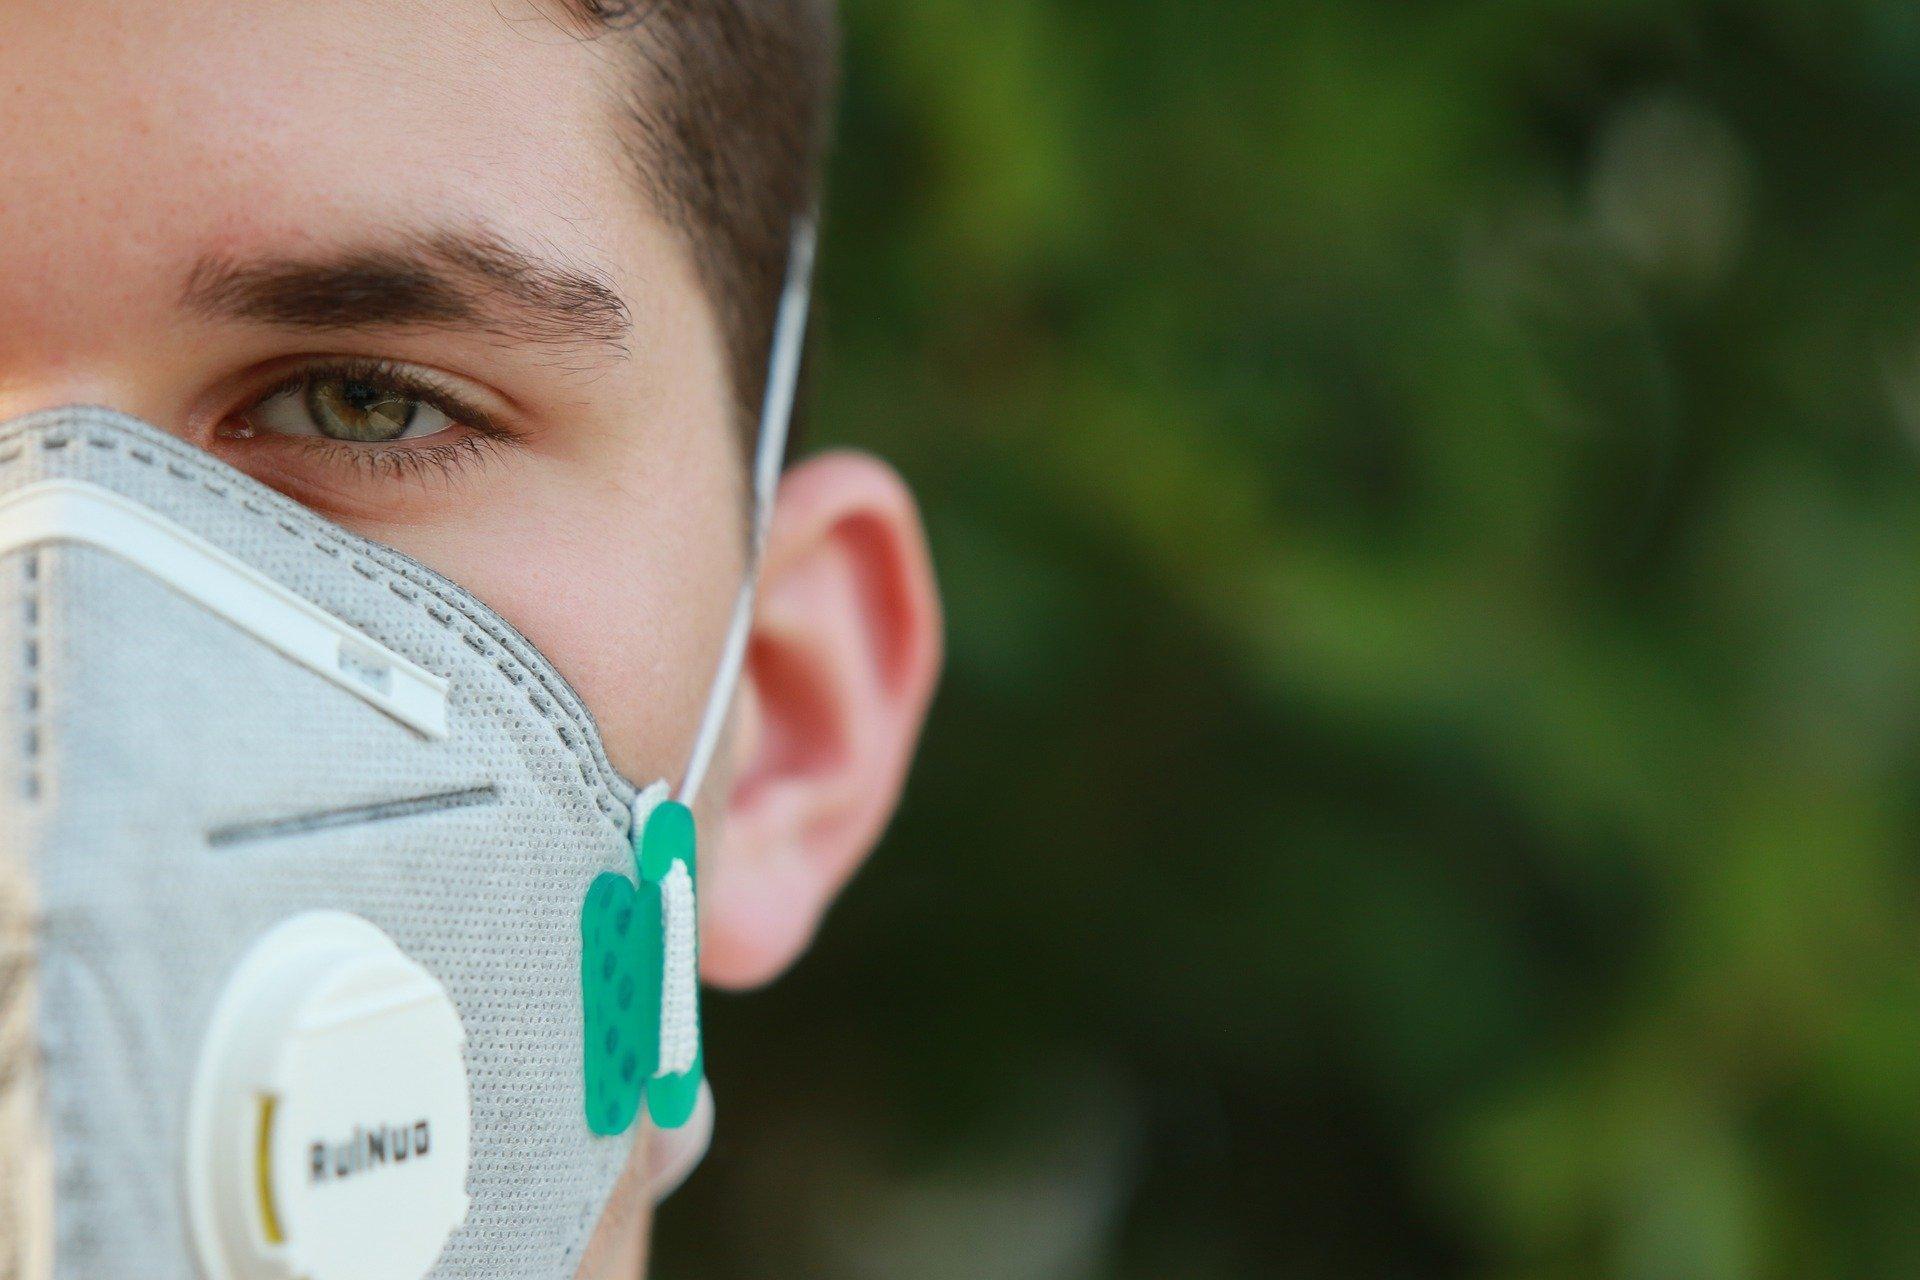 Преподавателей и студентов обяжут носить маски в вузах в новом учебном году